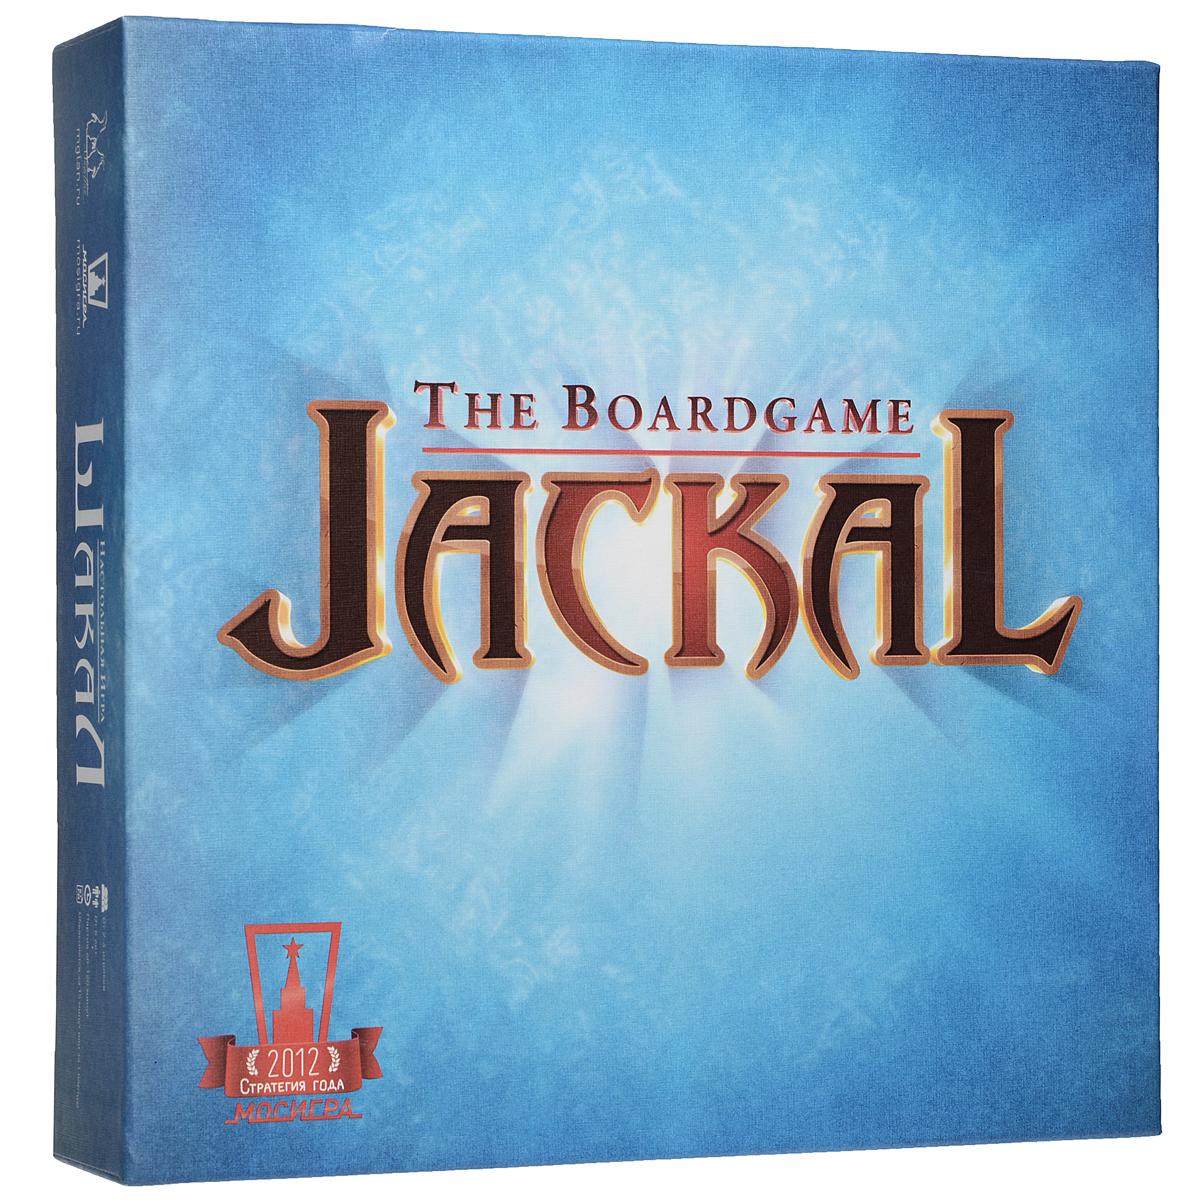 Настольная игра Magellan Шакал. Обновленная версияMAG00011Настольная игра Magellan Шакал - обновленная версия стратегической настольной игры с очень глубоким и проработанным тактическим взаимодействием. Действие игры происходит на пиратском острове, карта которого каждый раз создается из элементов игрового поля и никогда не известна на момент начала игры. Ваша задача - разведывать остров, искать клады, защищать их от другой пиратской команды и переносить к себе на корабль. Вас ждет масса приключений - от форсирования горных скал с сундуками пиастров до встречи с аборигенами и полете на воздушном шаре. Секрет «Шакала» в том, что фишки поля ложатся в произвольном порядке, благодаря чему игра каждый раз будет разная! Кубика в игре нет, и результат зависит в большей степени от ваших логических и стратегических способностей, а не от везения. Все это делает игру поистине интересной и захватывающей, в которую хочется играть снова и снова! Цель игры заключается в том, чтобы найти и перетащить к себе на корабль как можно больше...